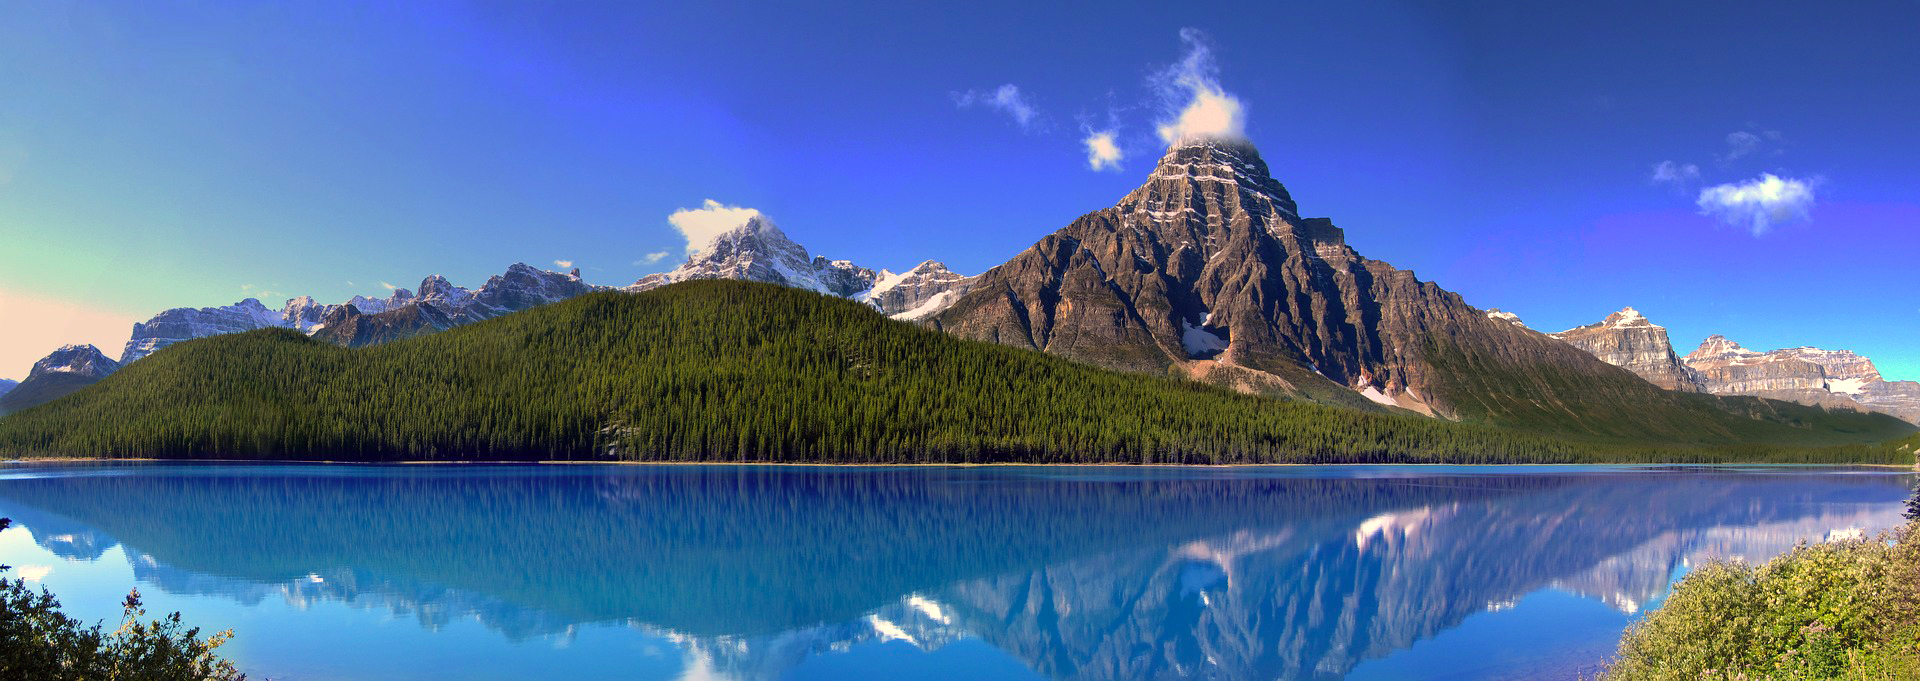 Guía de viajes a Canada, Visa a Canadá, Visado a Canadá canadá - 32203948402 25ce9462c2 o - Guía de viajes y visa para Canadá